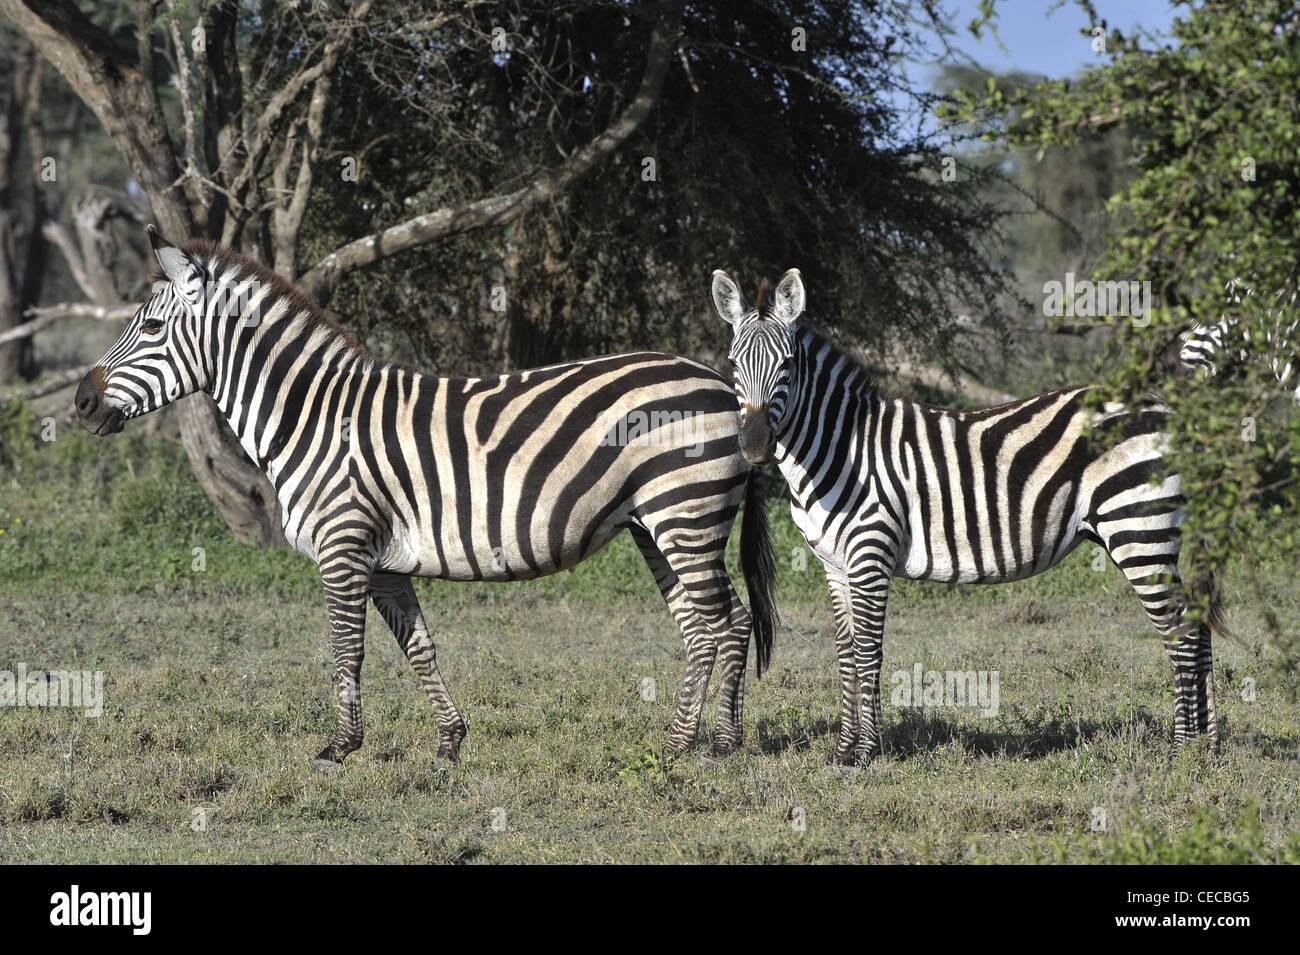 Les zèbres sauvages en Afrique. Serengeti. Banque D'Images